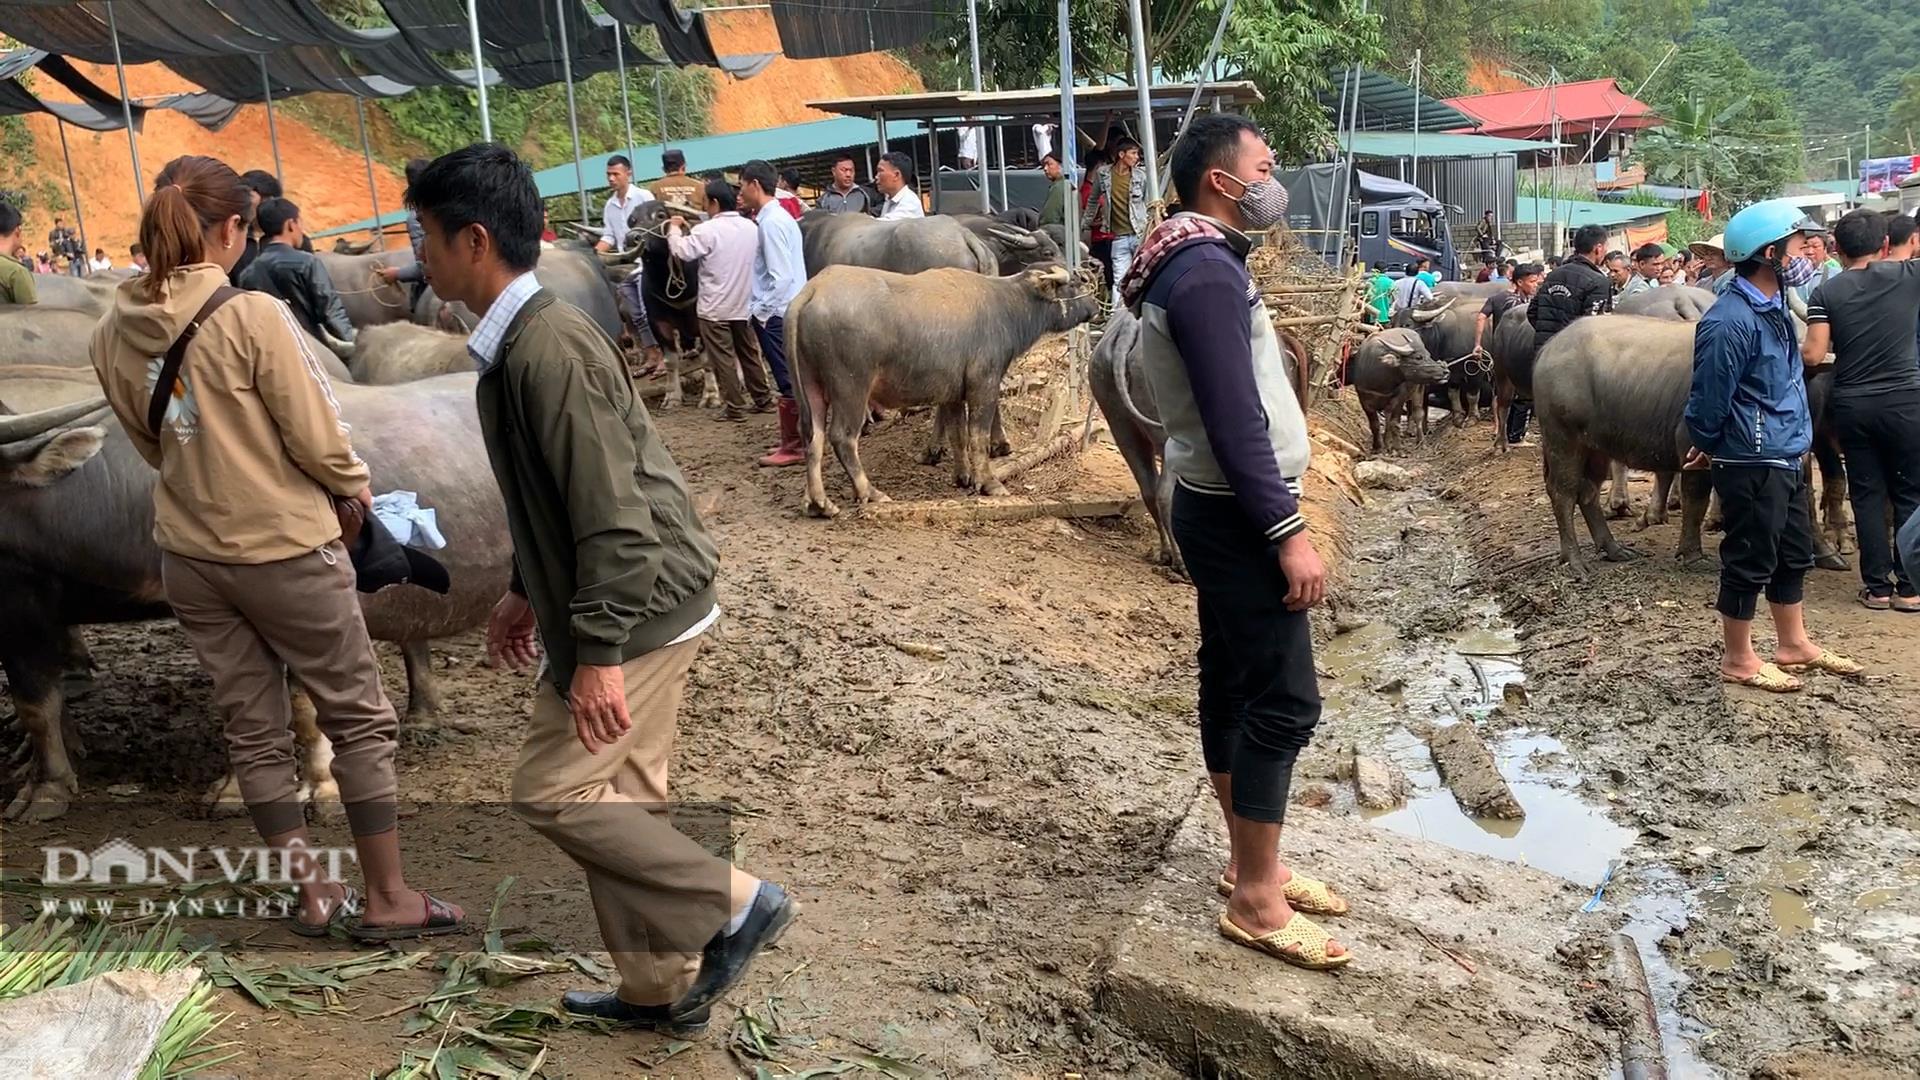 Bắc Kạn: Nguy cơ mất an toàn tại chợ trâu, bò Nghiên Loan - Ảnh 5.